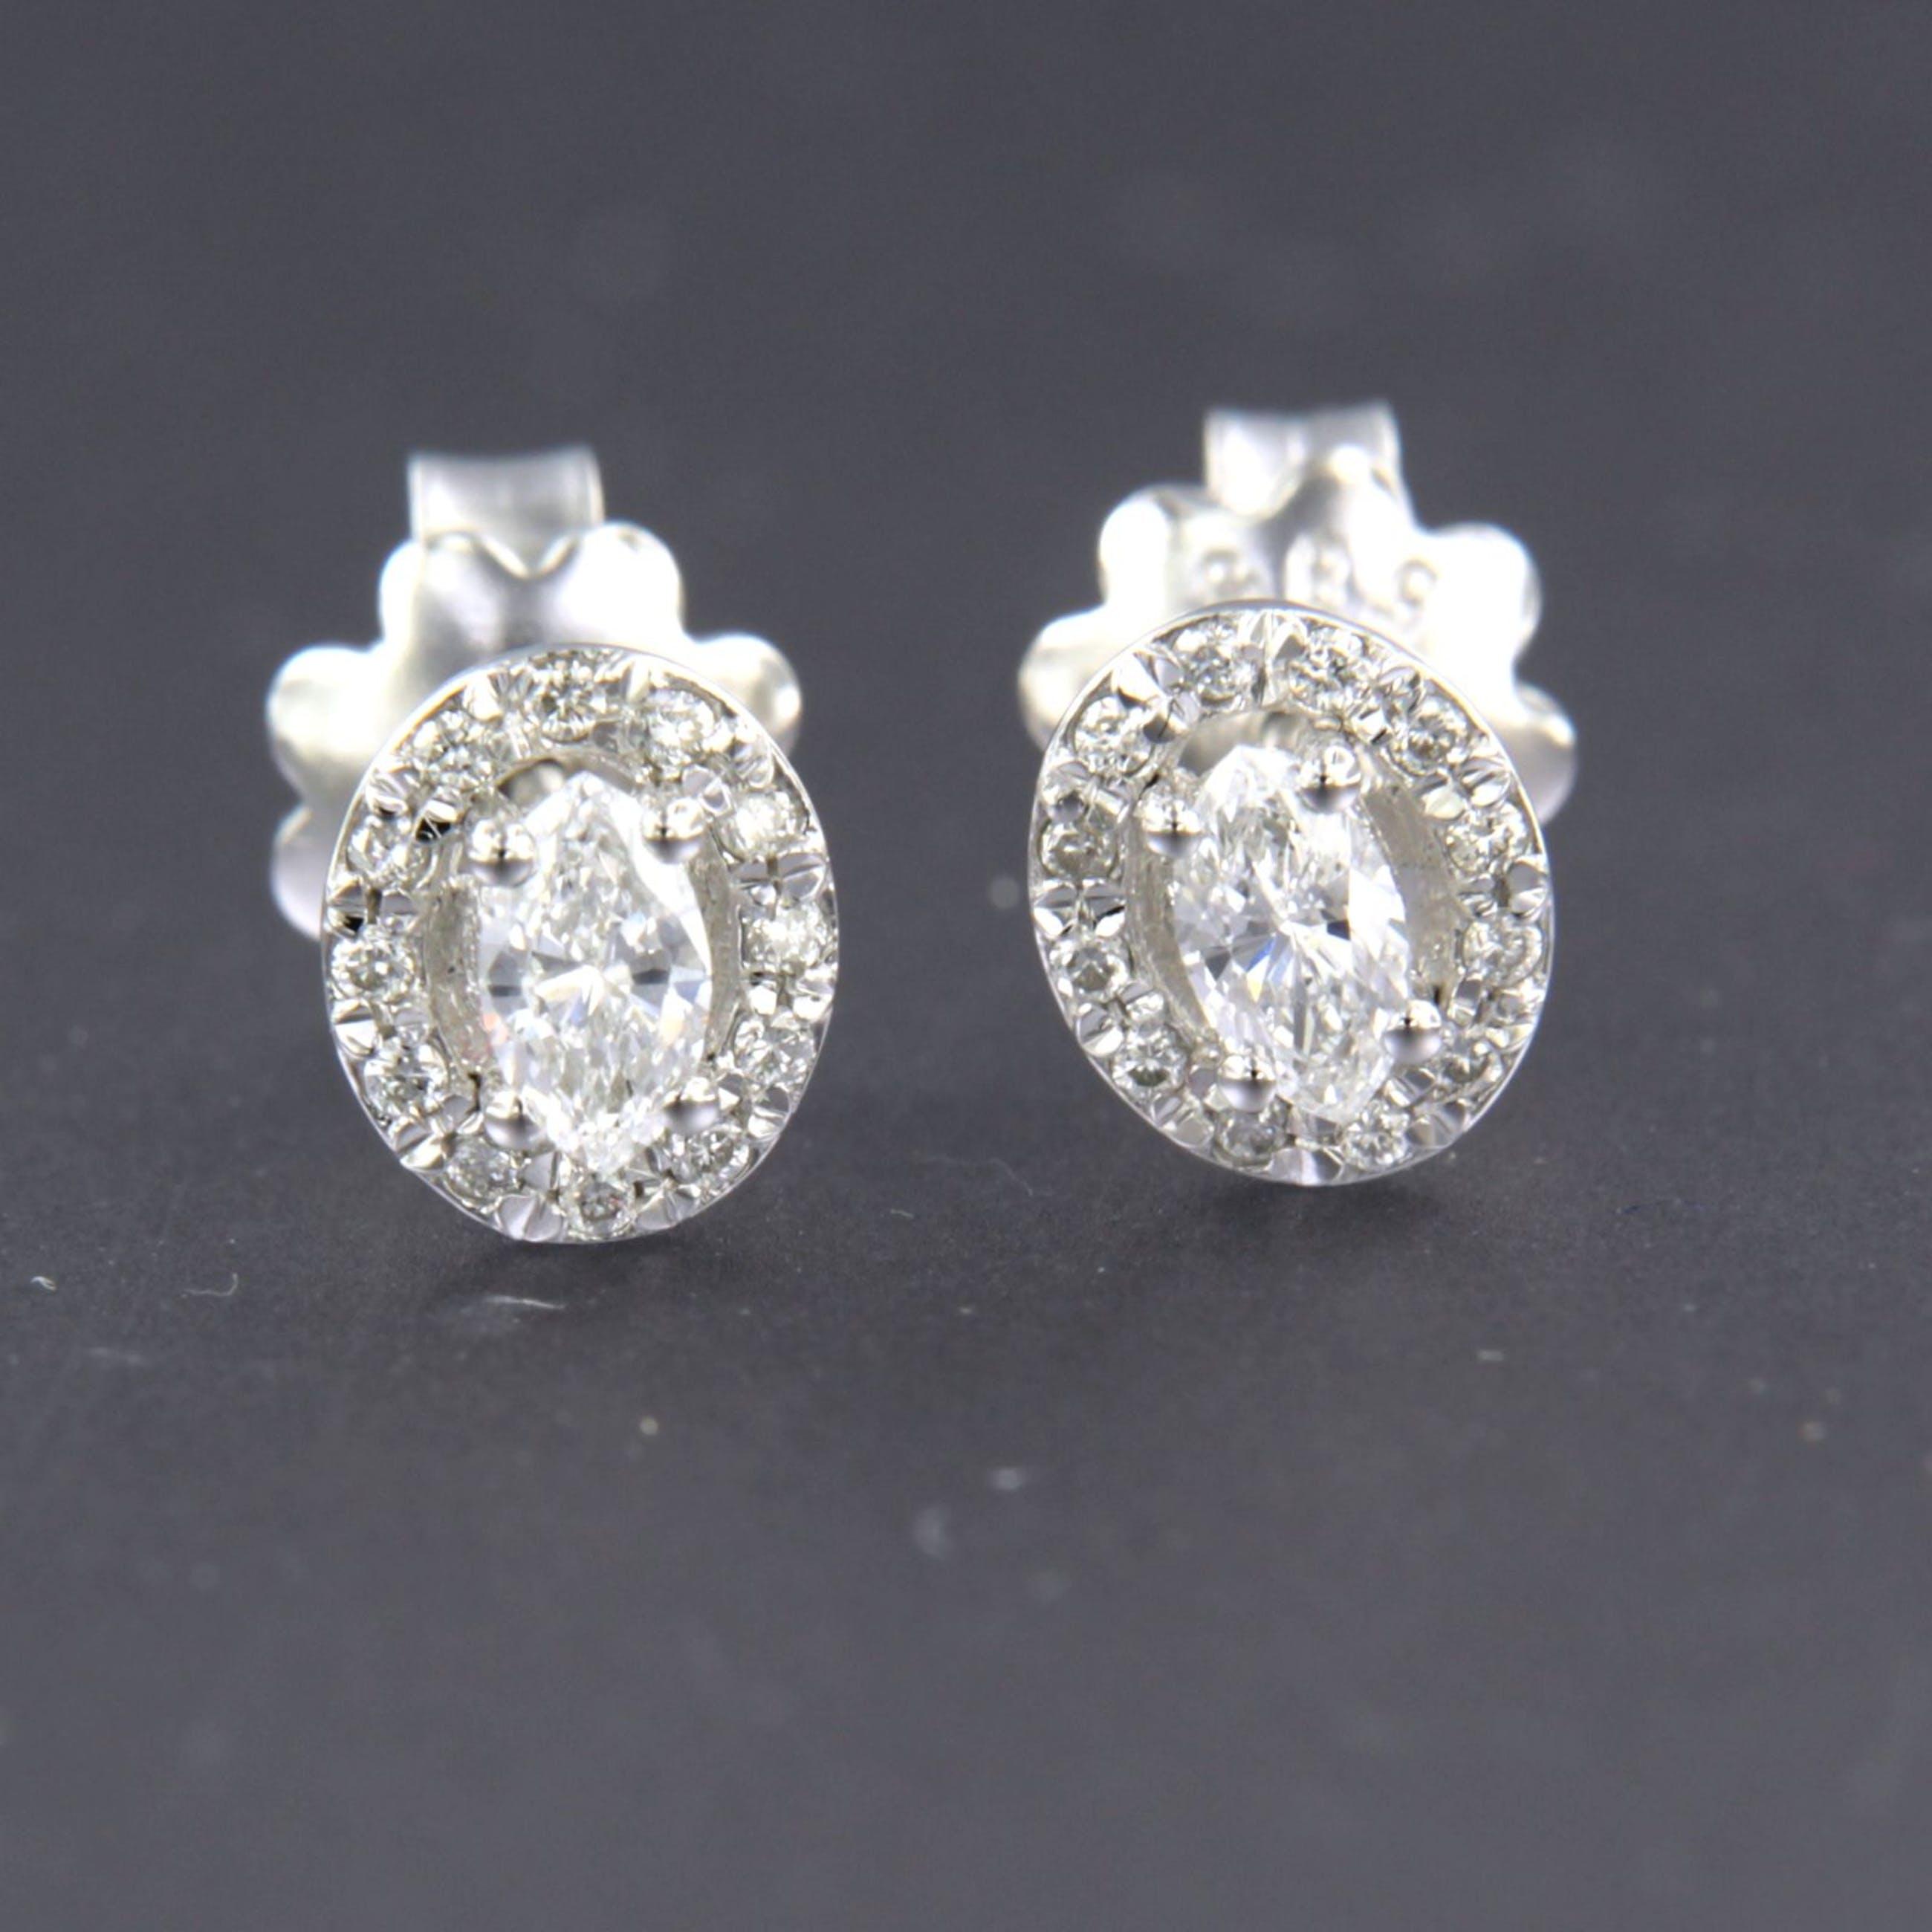 14K Goud - witgouden oorknoppen bezet met markies en briljant geslepen diamanten kopen? Bied vanaf 300!